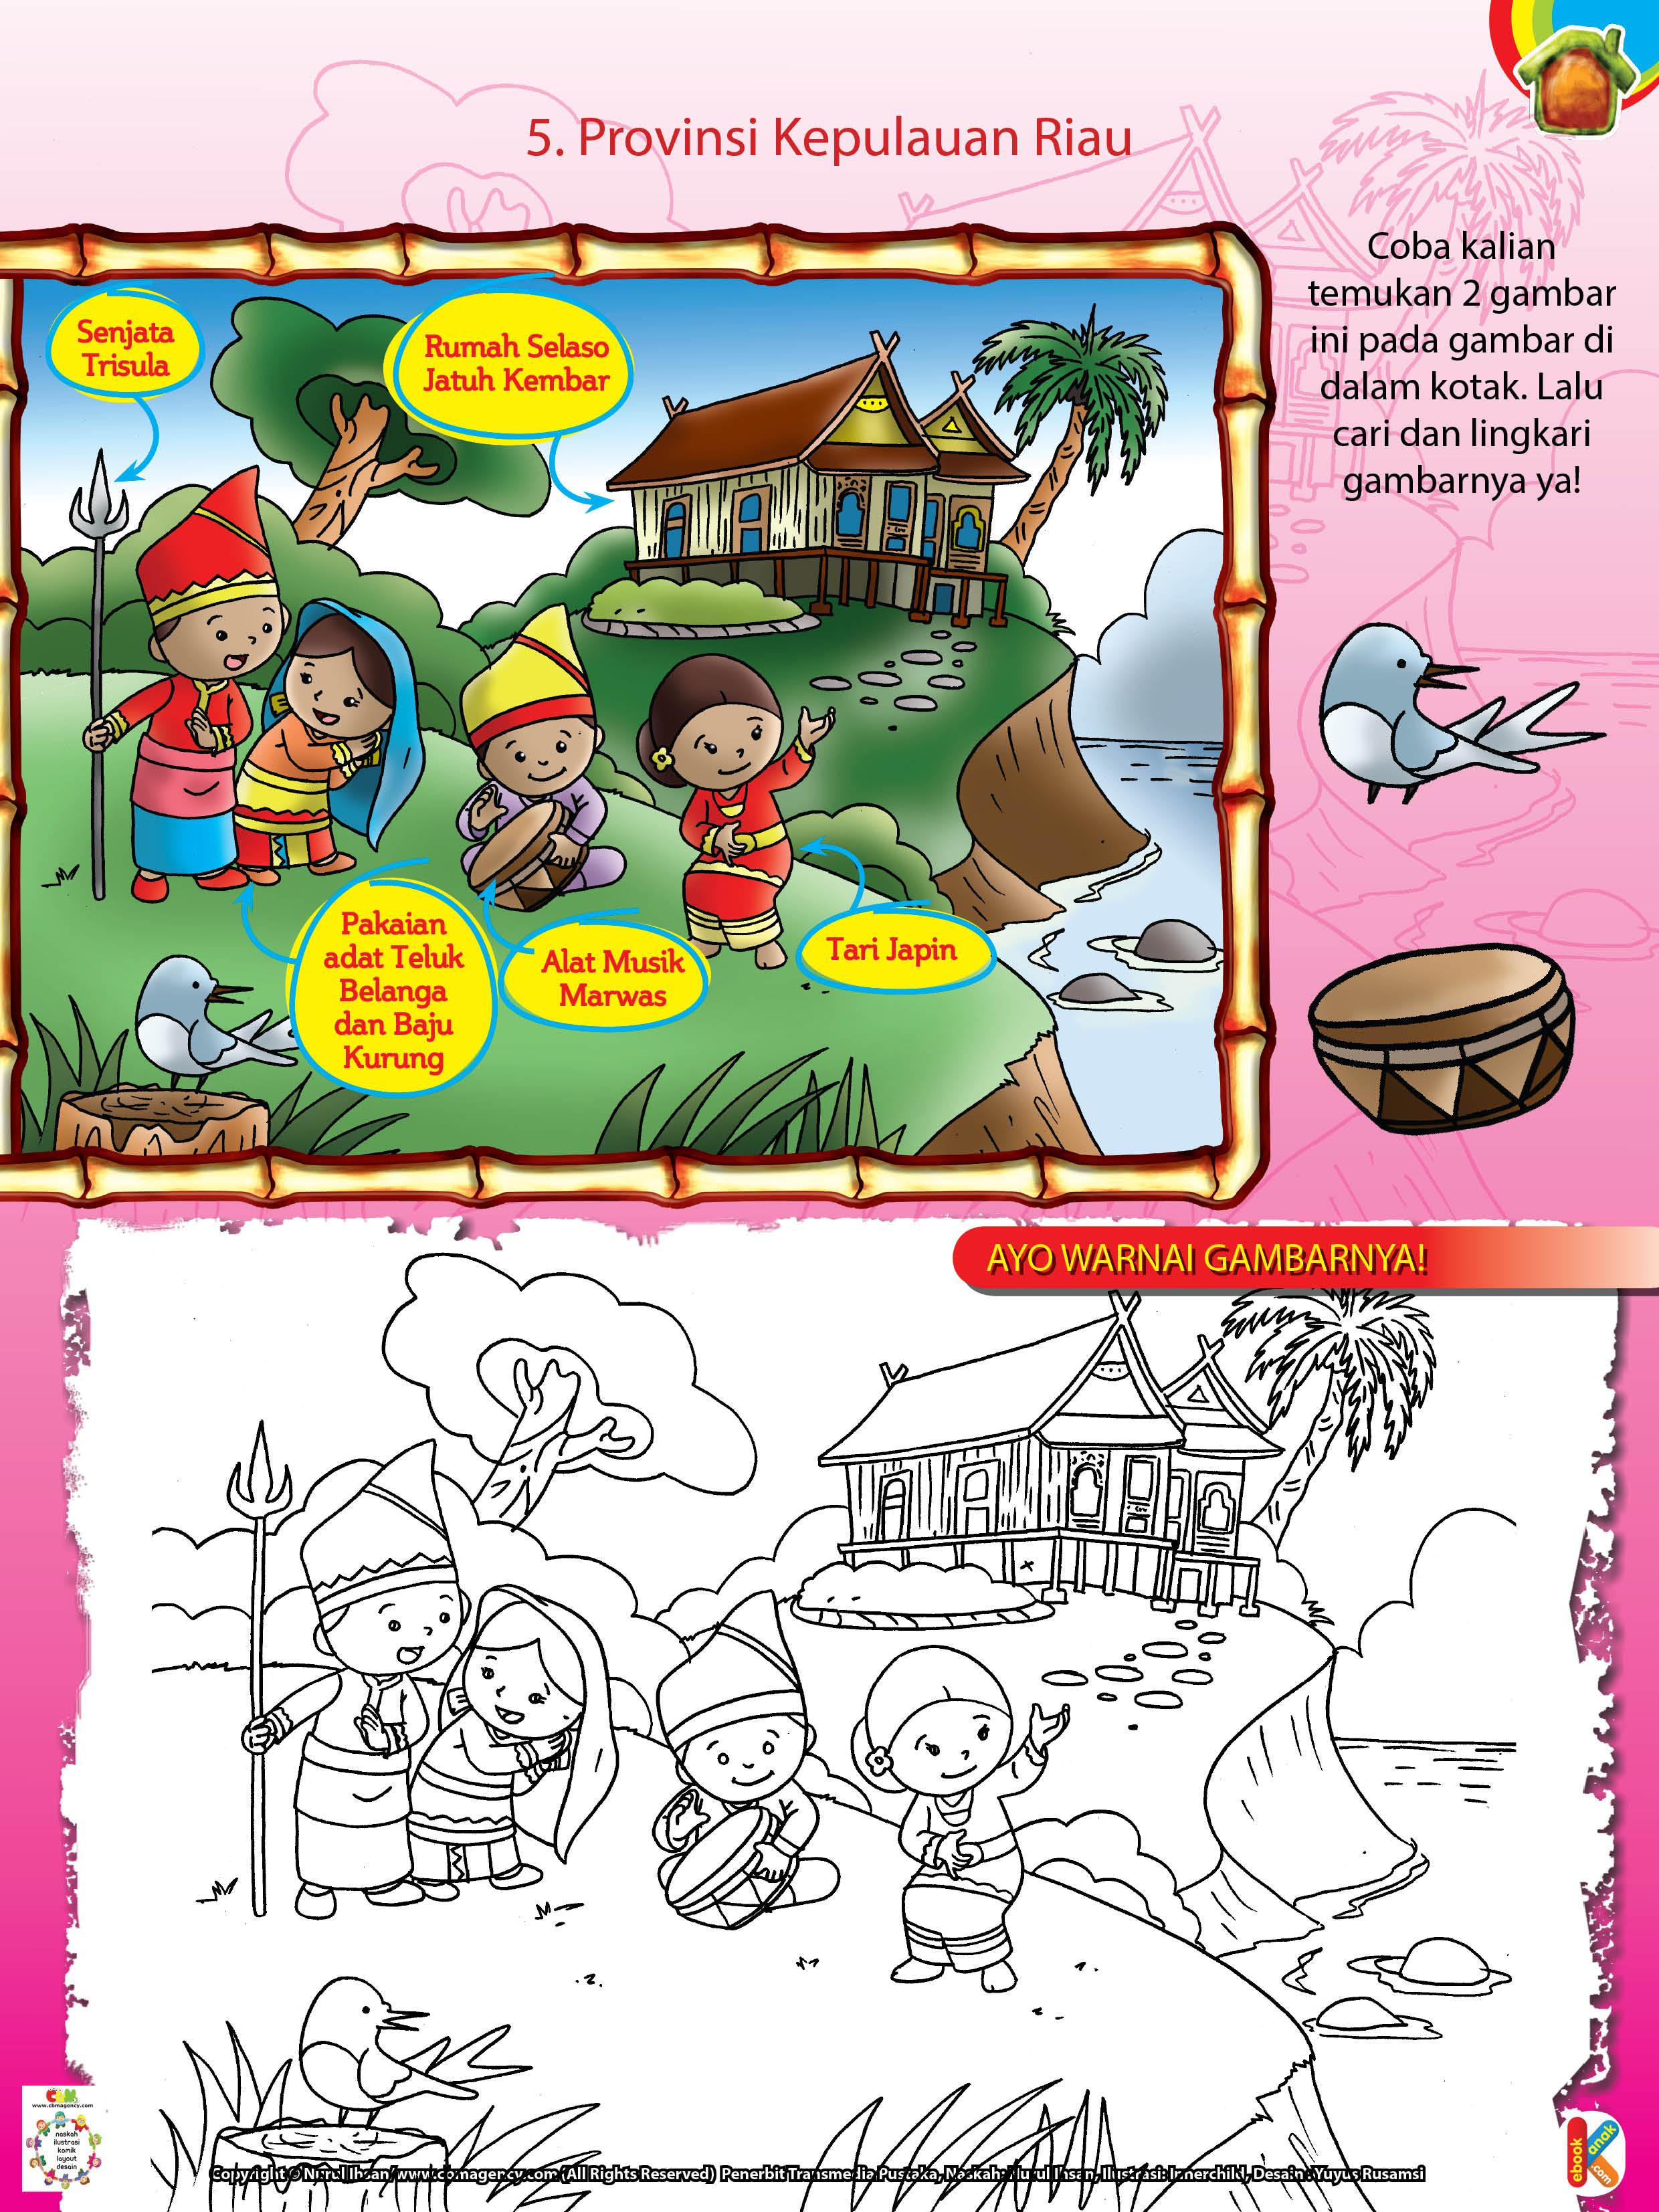 Pahlawan provinsi kepulauan riau adalah Sultan Syarif Kasim II dan Tuanku Tambusai.